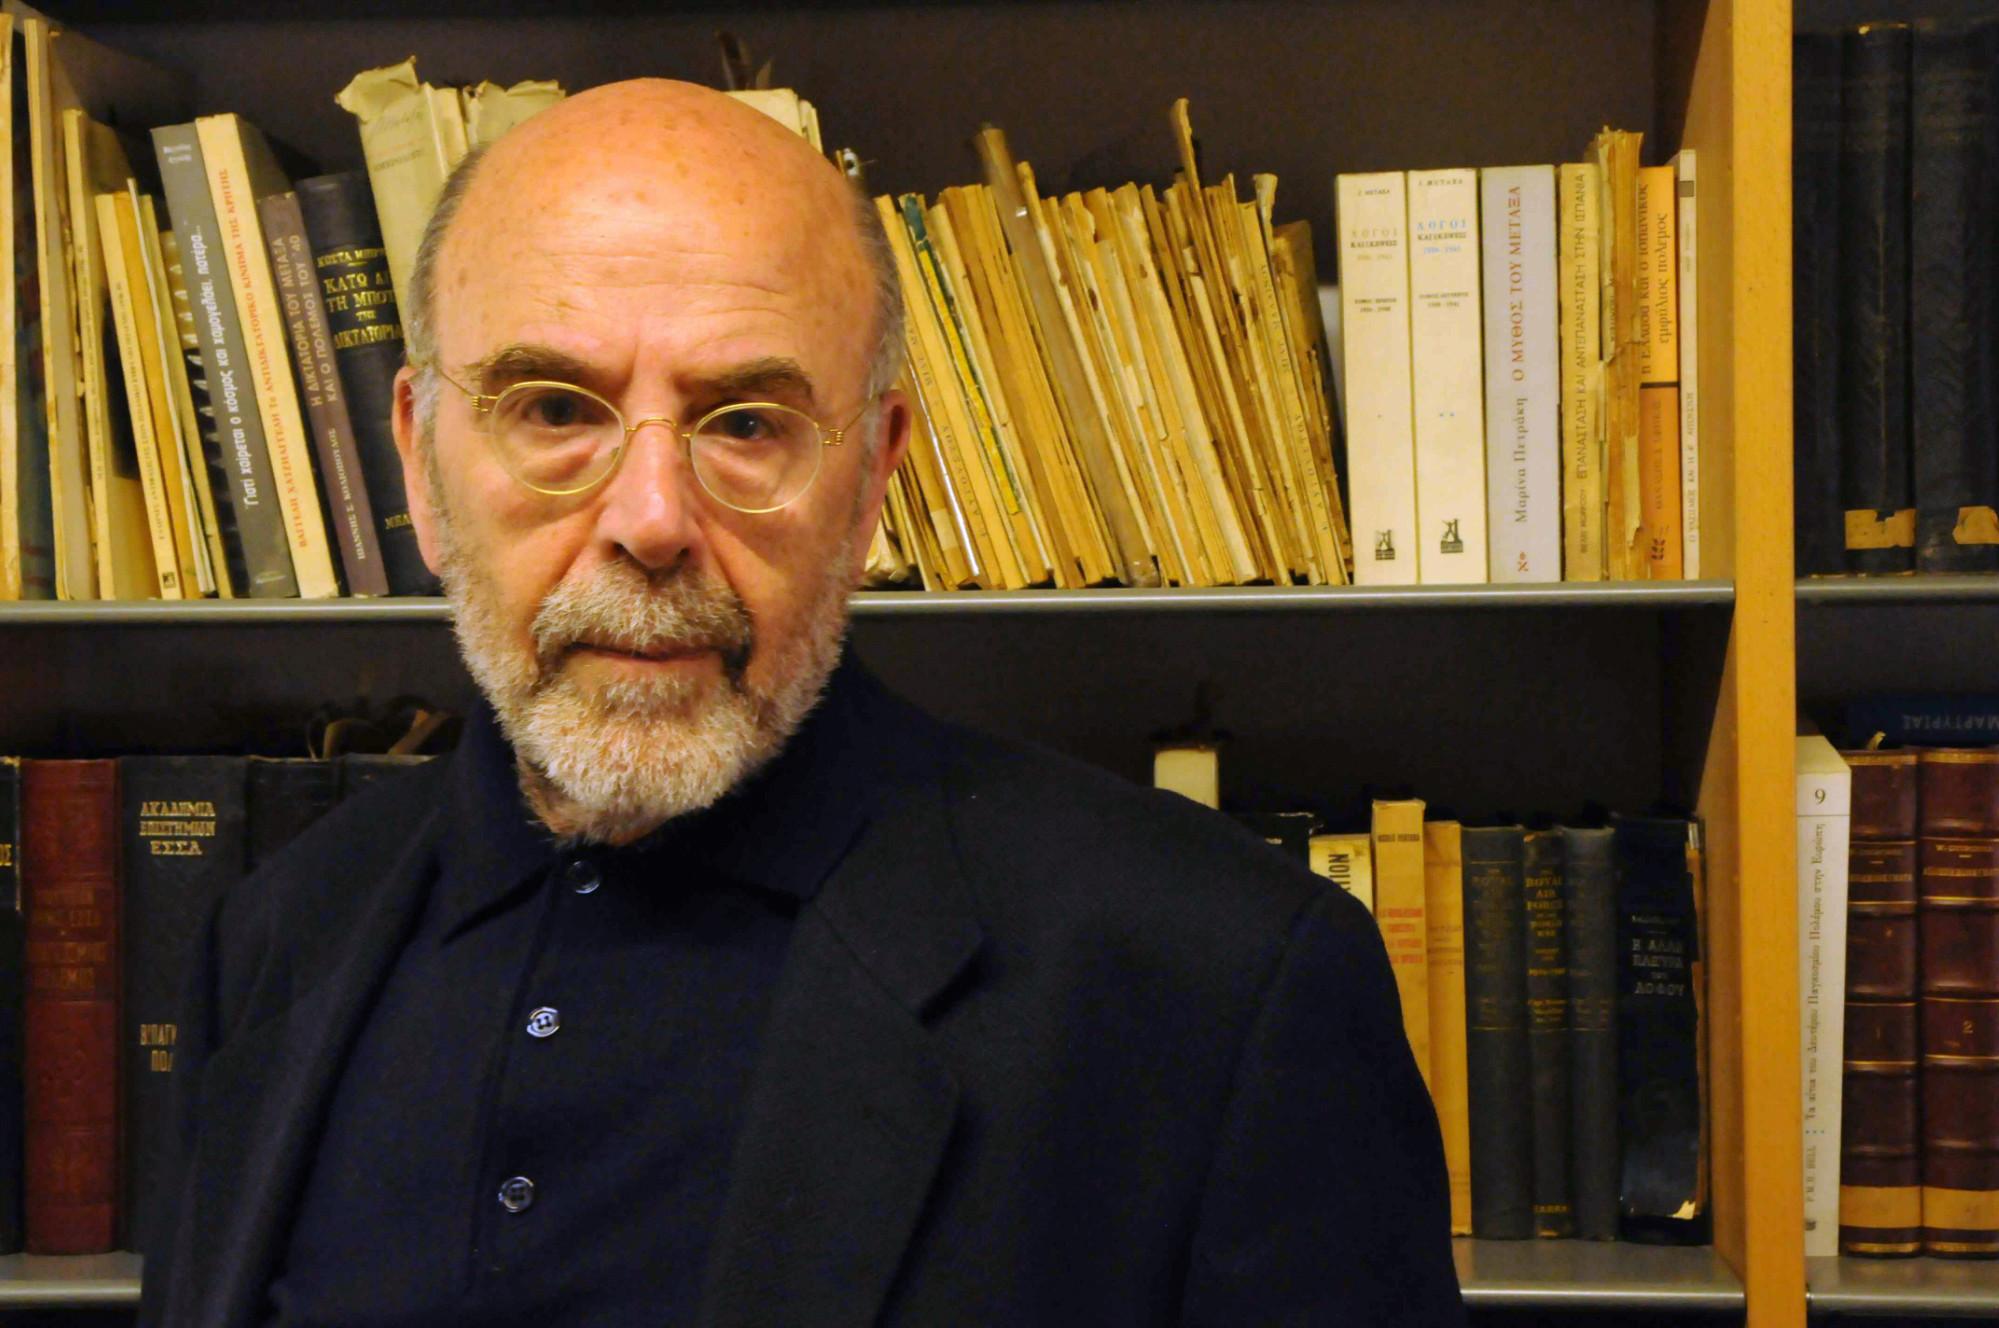 Antonis Liakos, historien : « Syriza se regarde encore dans le miroir » - Page 1 | Mediapart - Liakos